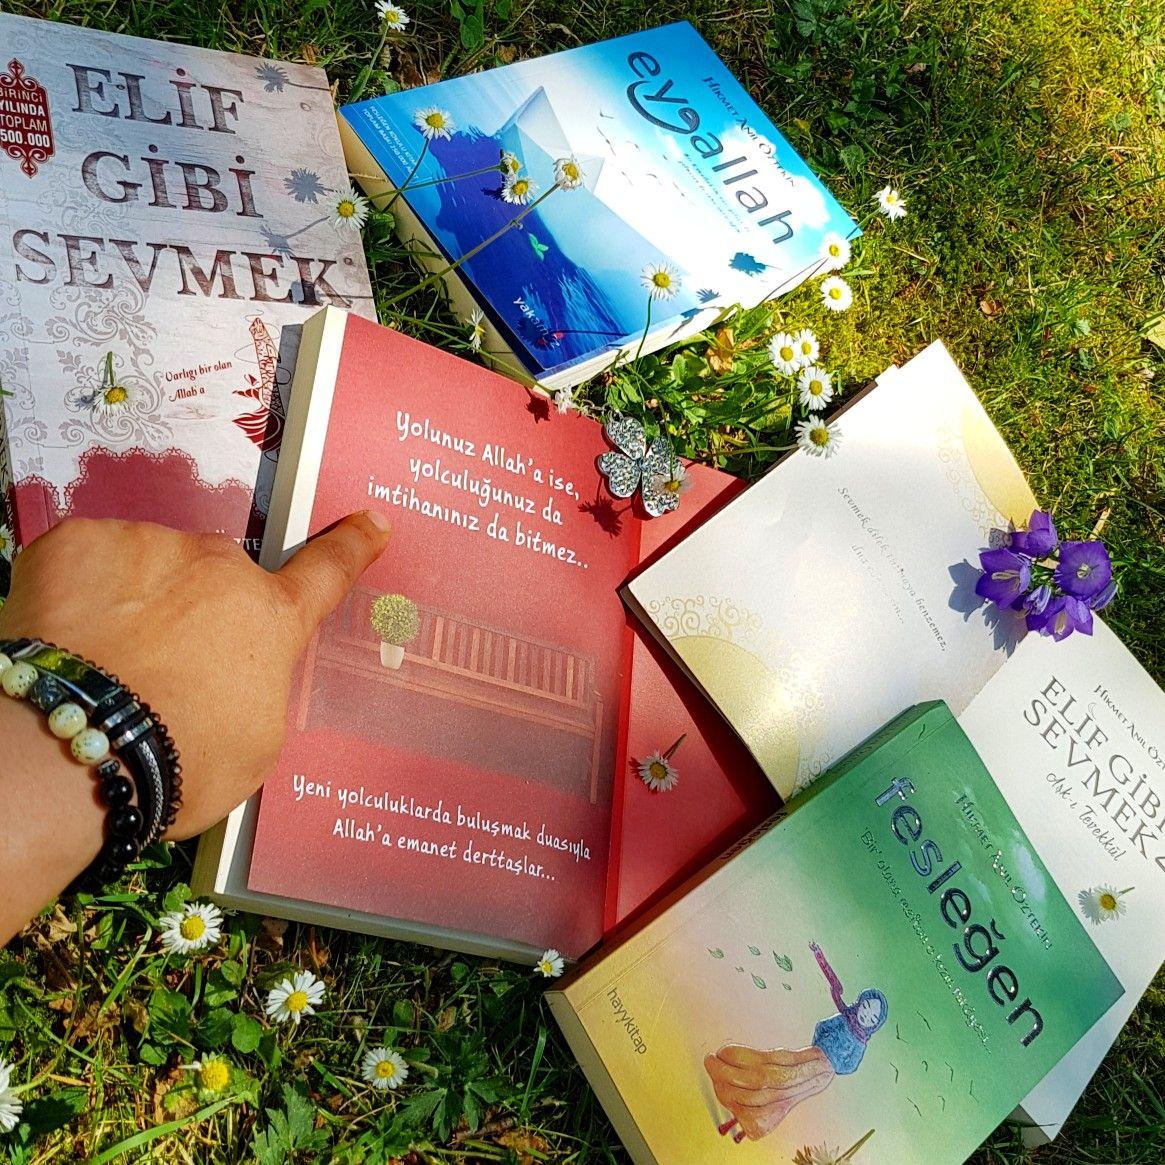 Kitap Eyvallah Eyvallah2 Fesleğen Elif Gibi Sevmek Hikmet Anıl